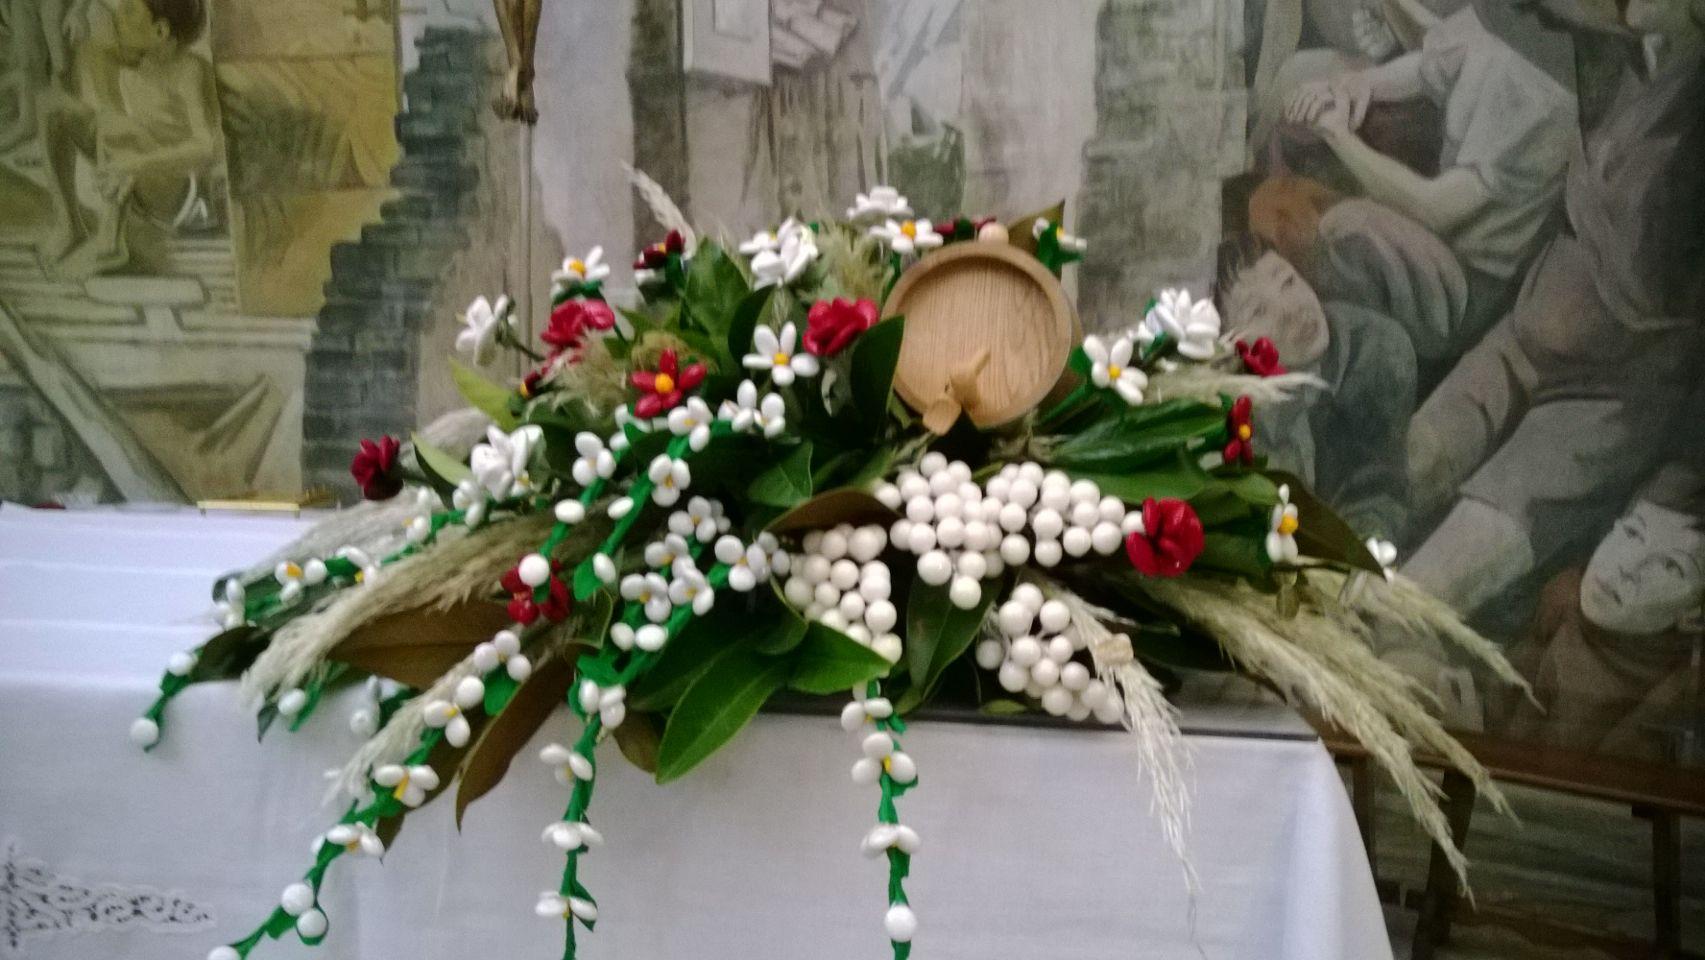 Fiori Bagnoli Irpino : La creazione made in irpinia: addobbi matrimoniali in u201cfiori di